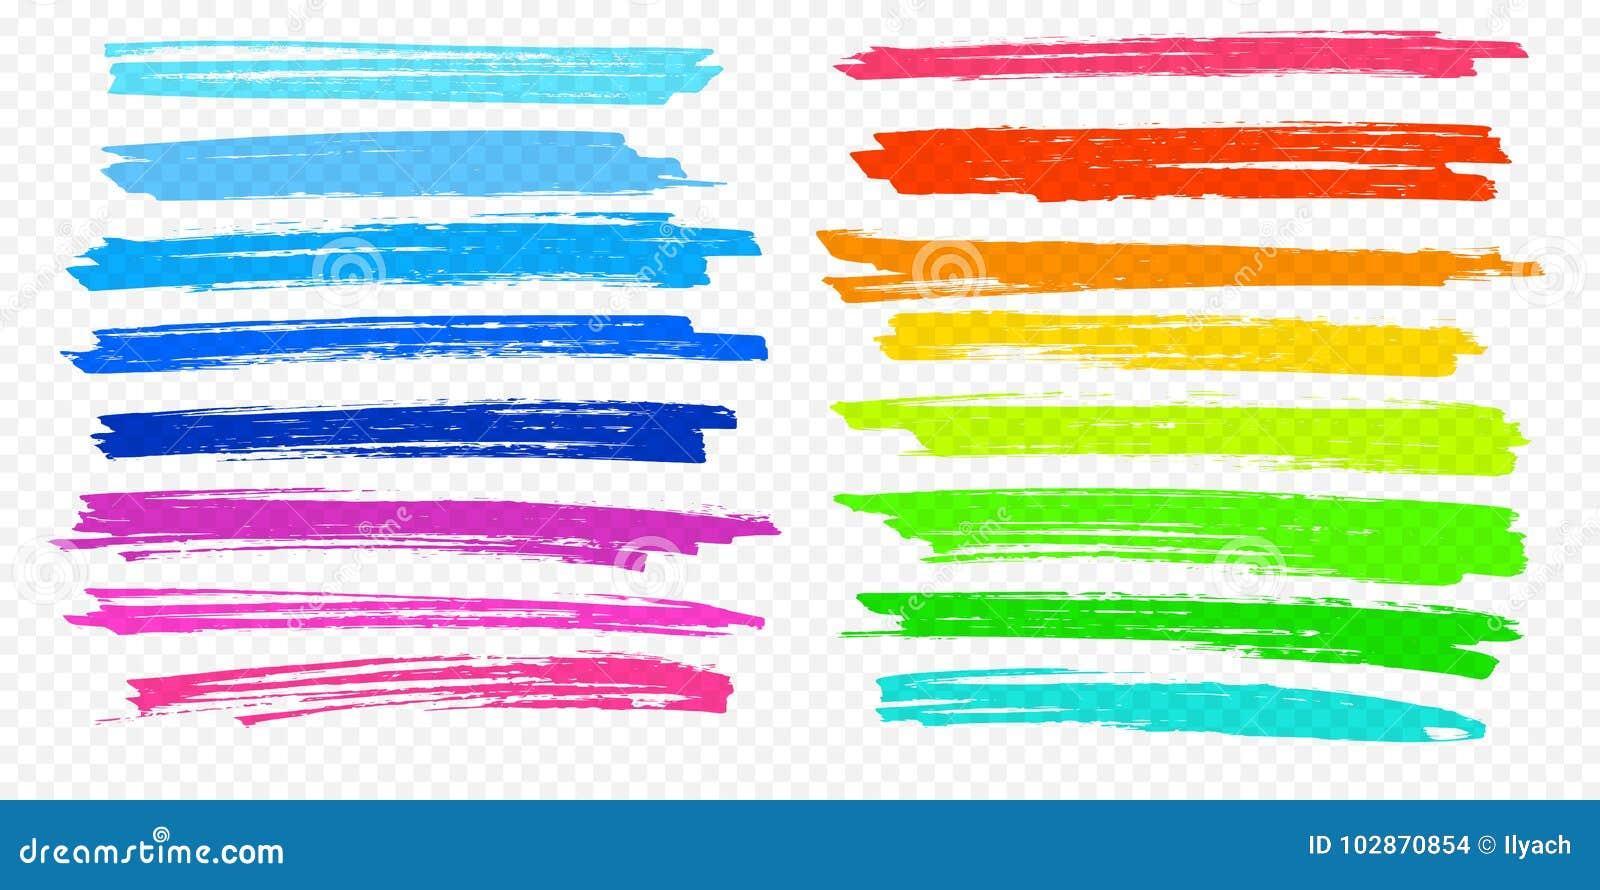 Vektorfarbmarkierungsstiftlinien des Höhepunktbürstenanschlags unterstreichen gesetzte transparenten Hintergrund